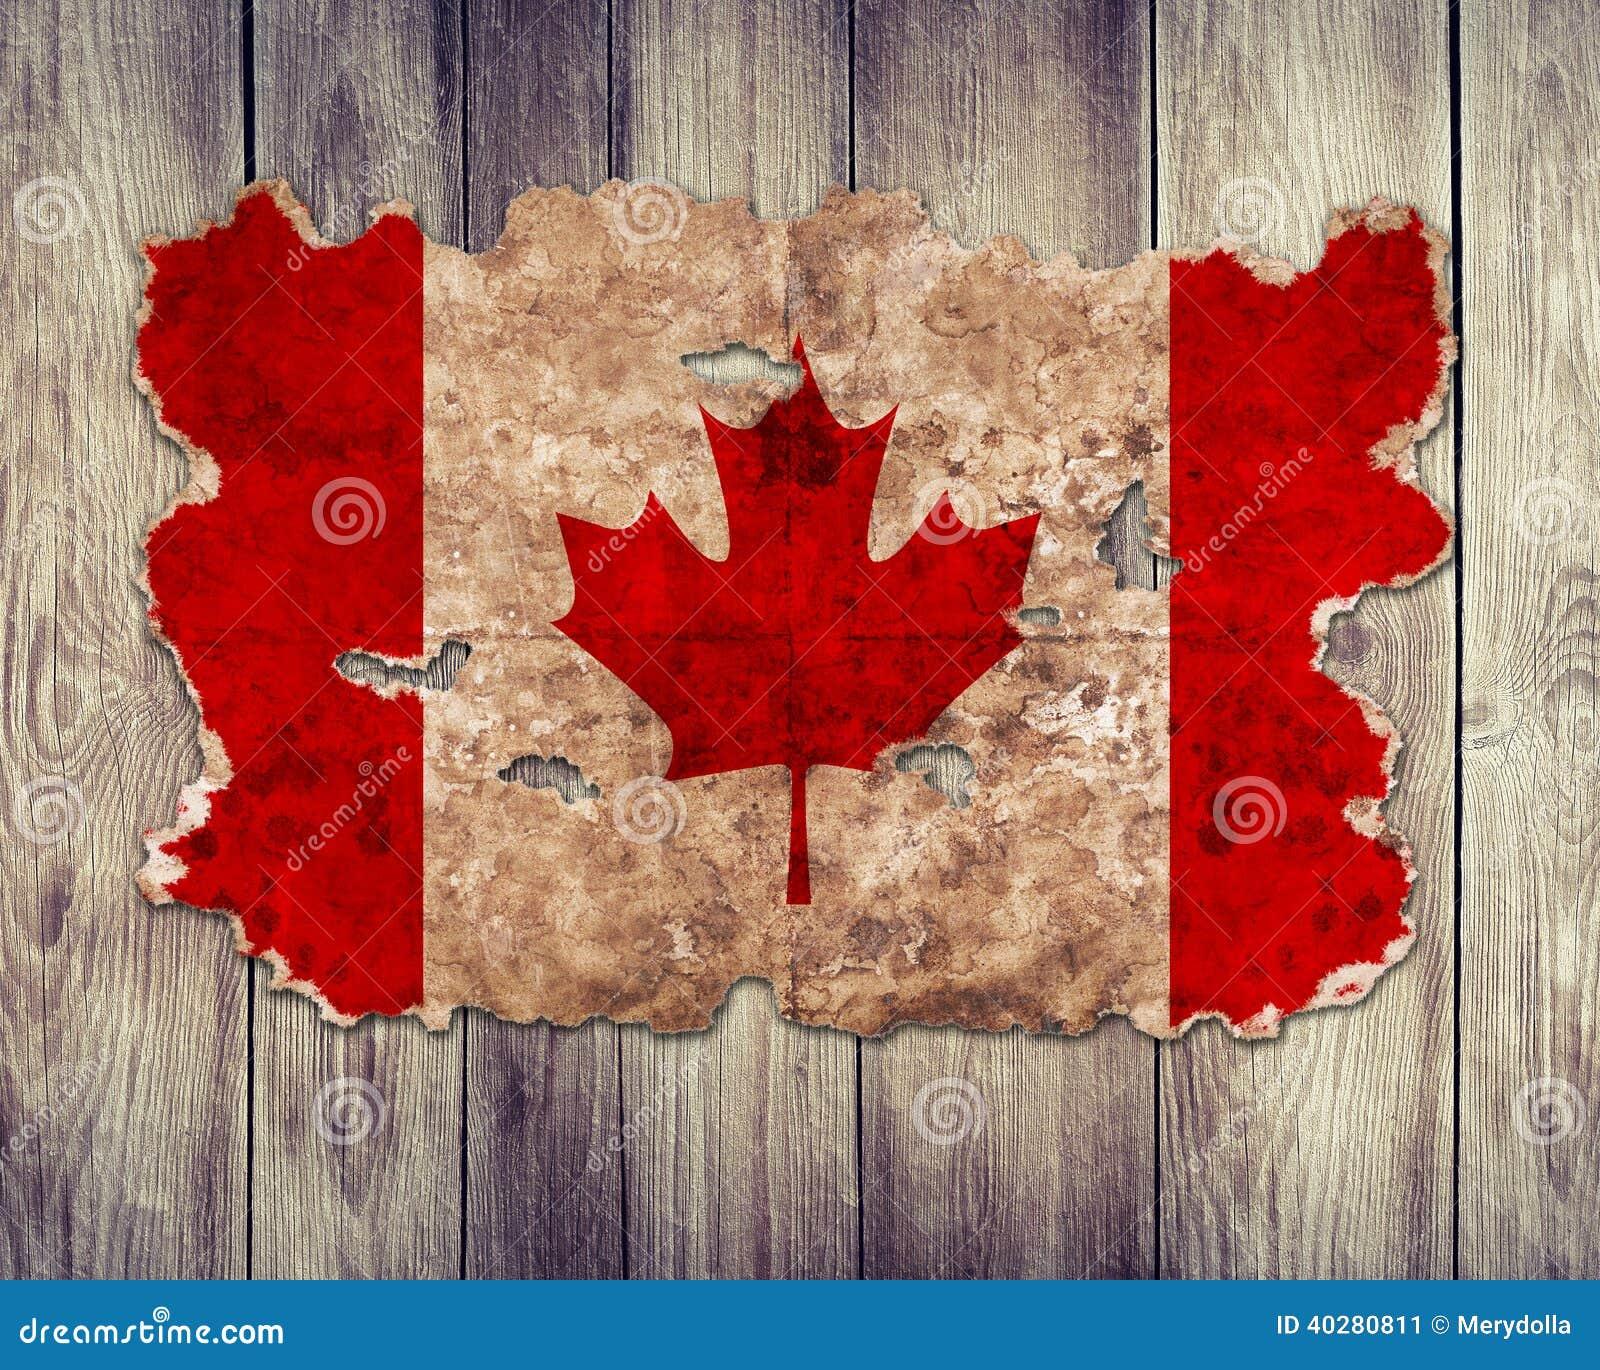 Bandera De Canadá En Forma De Papel Rasgado Del Vintage Imagen de ...